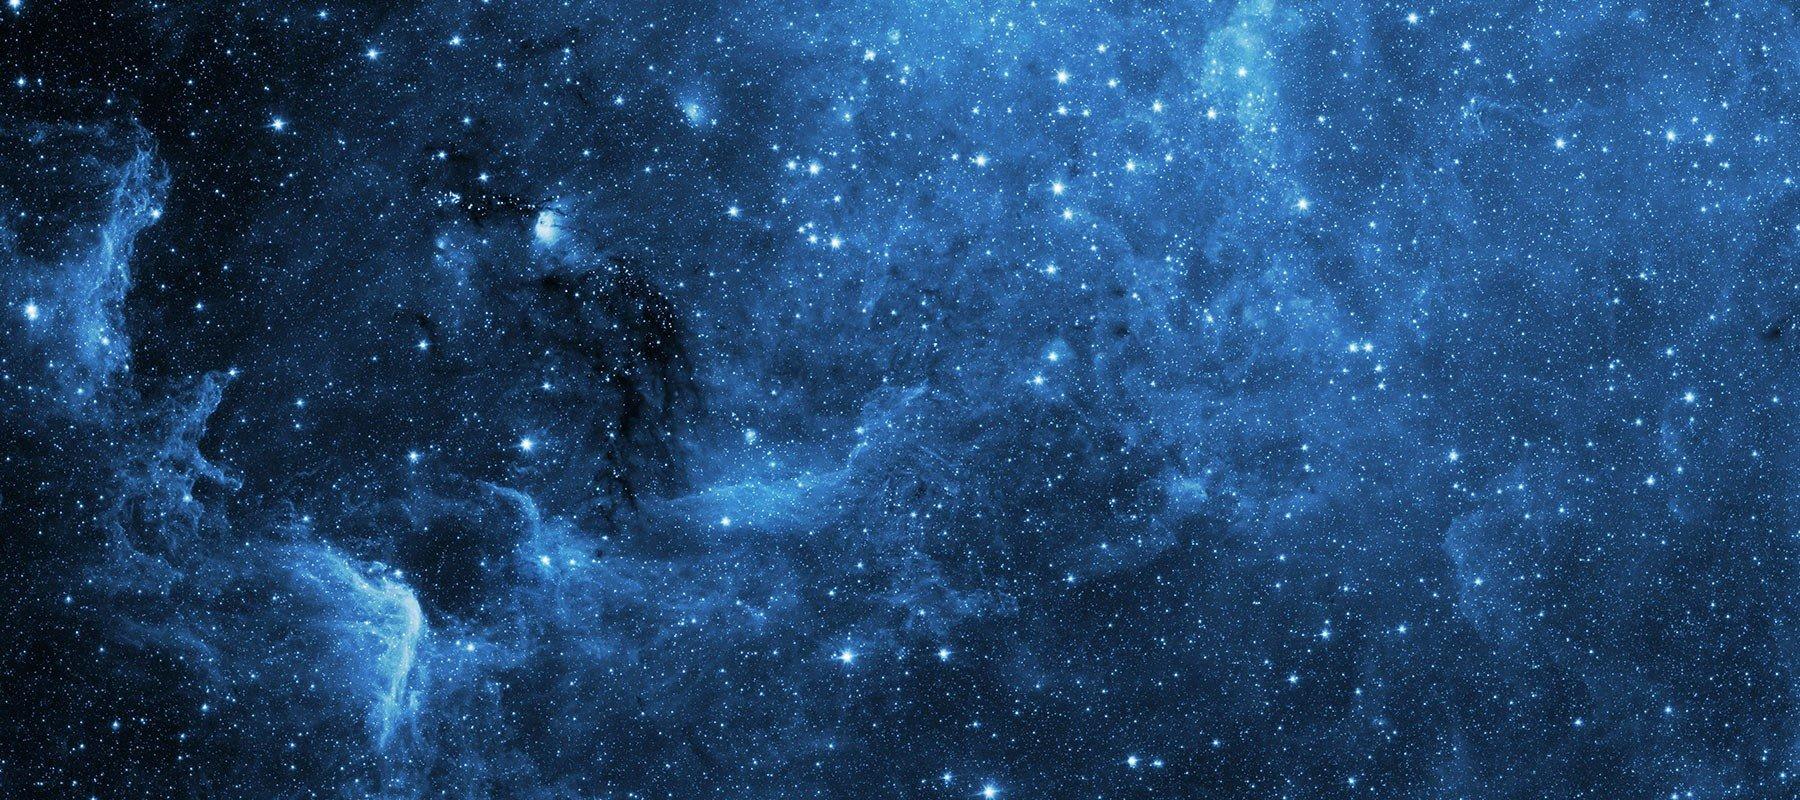 Fondo de pantalla de Espacio con estrellas Imágenes